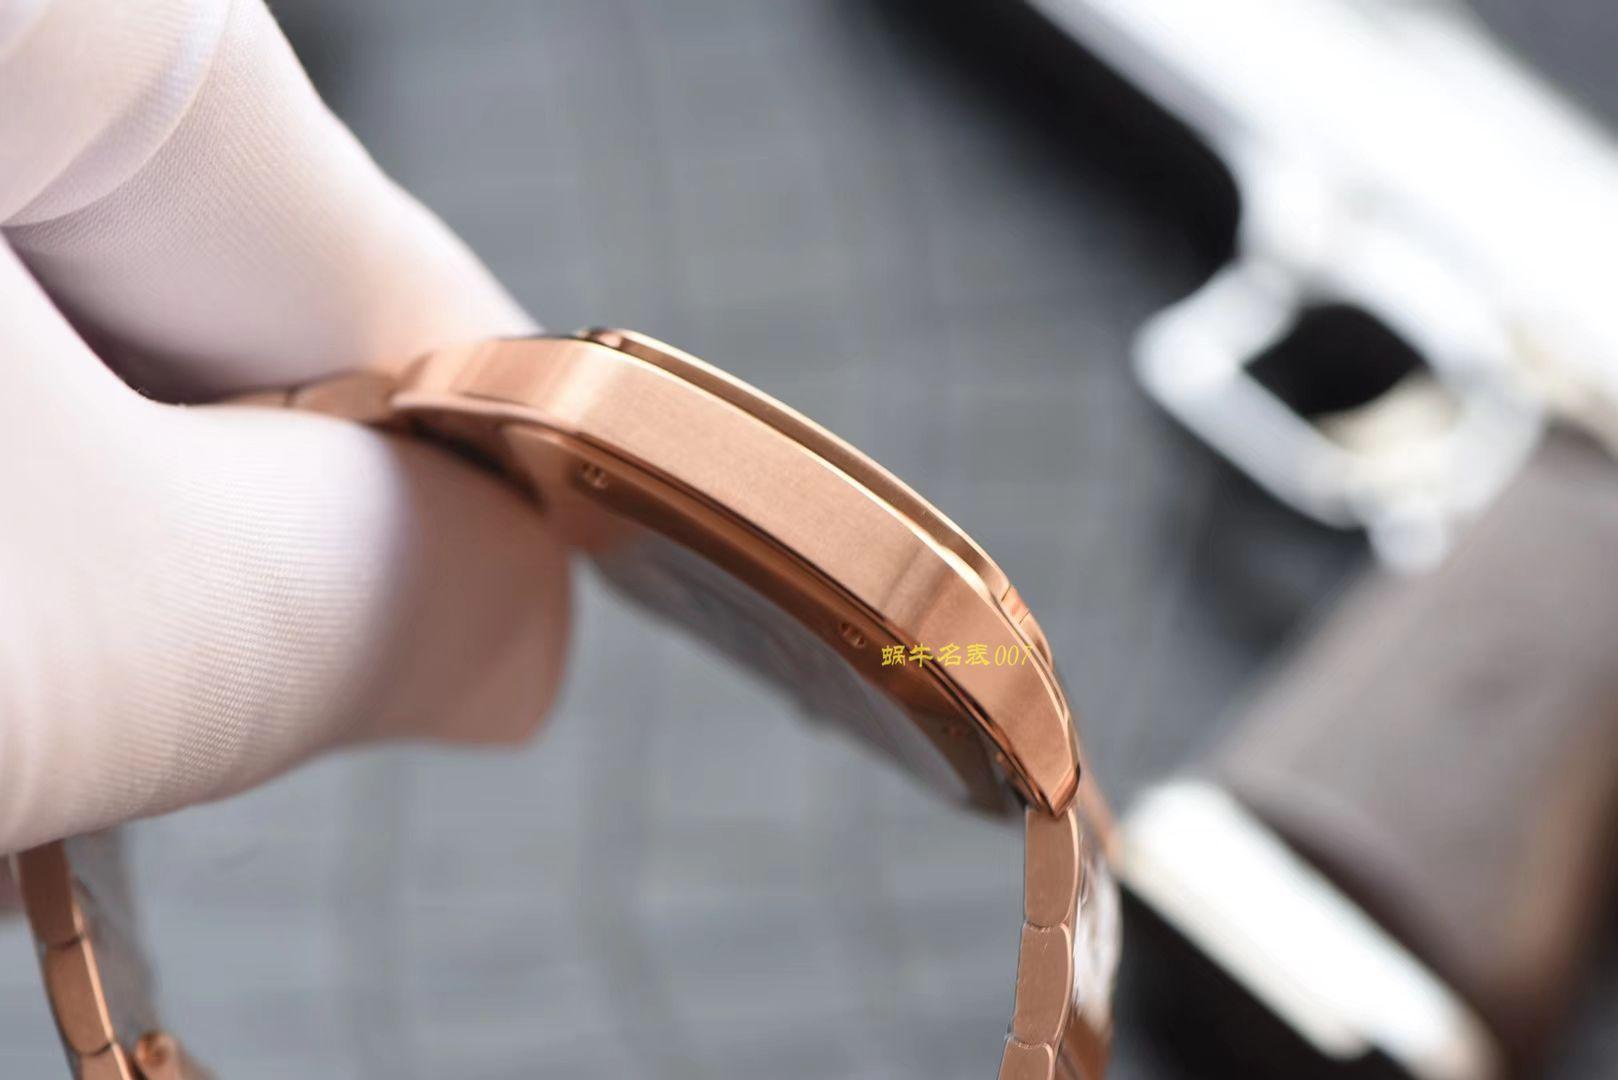 卡地亚山度士系列WGSA0007(大号)腕表【KOR一比一精仿手表】